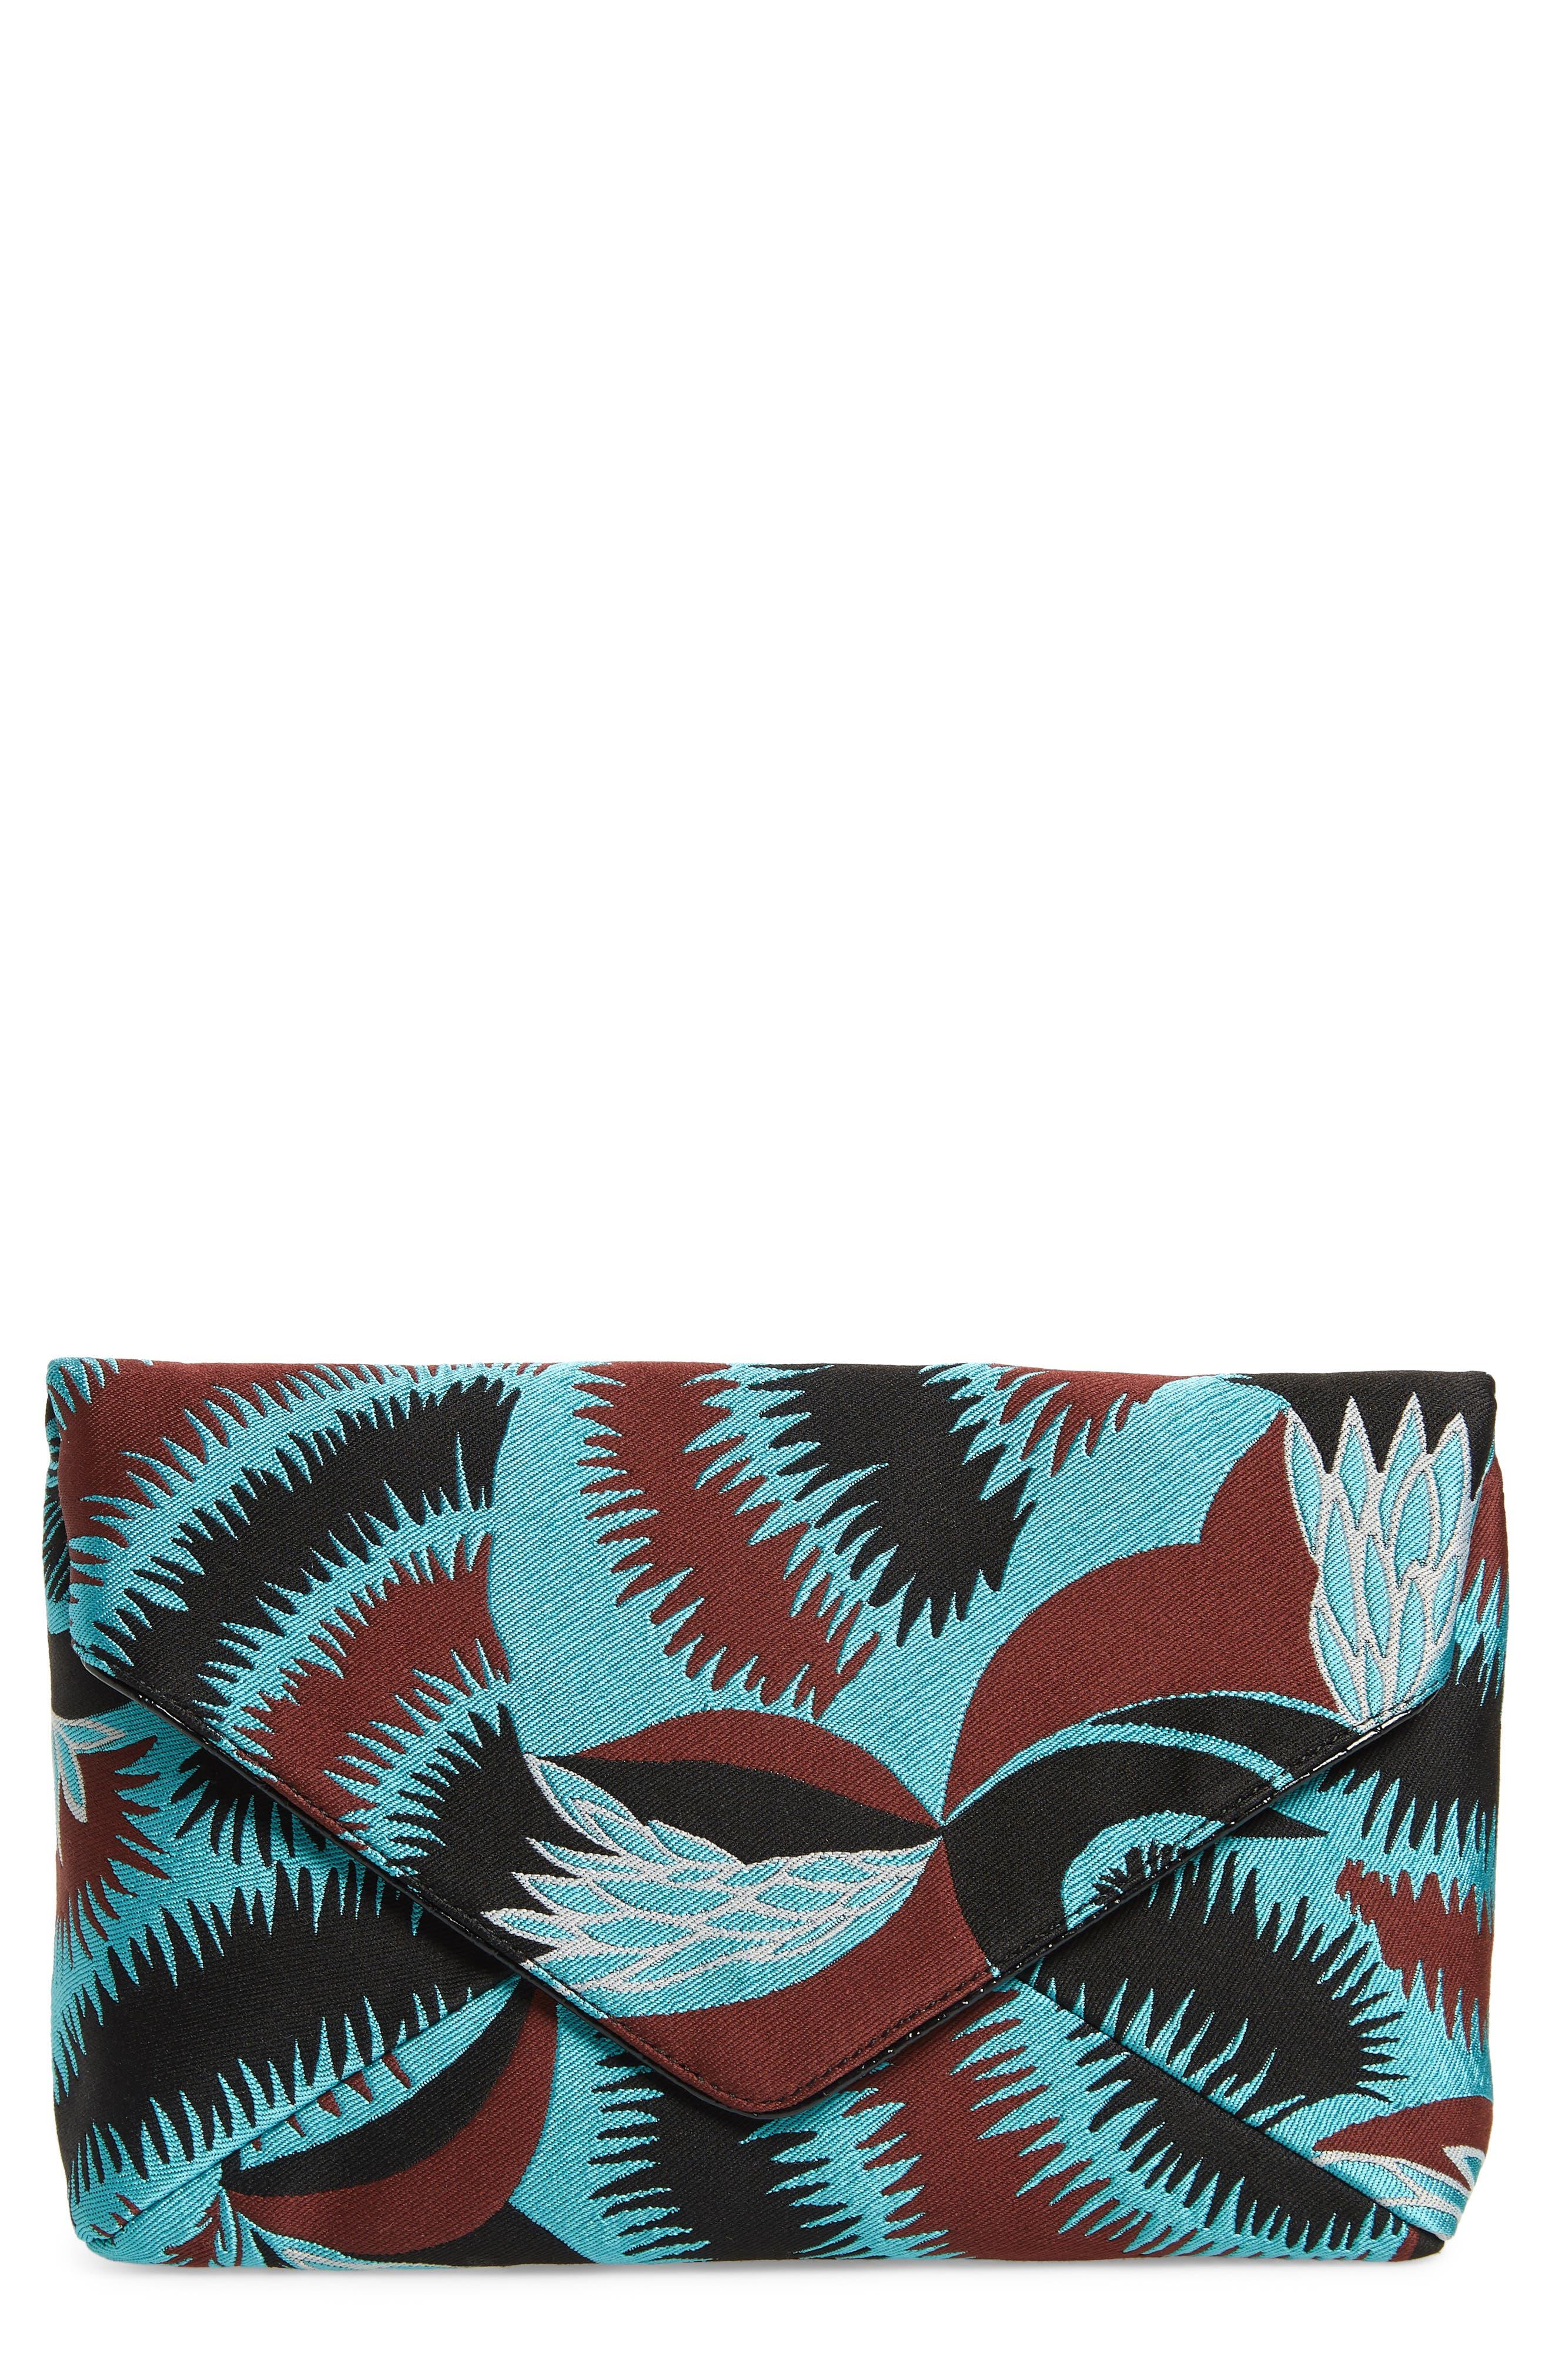 Floral Jacquard Envelope Clutch,                             Main thumbnail 1, color,                             TURQUOISE